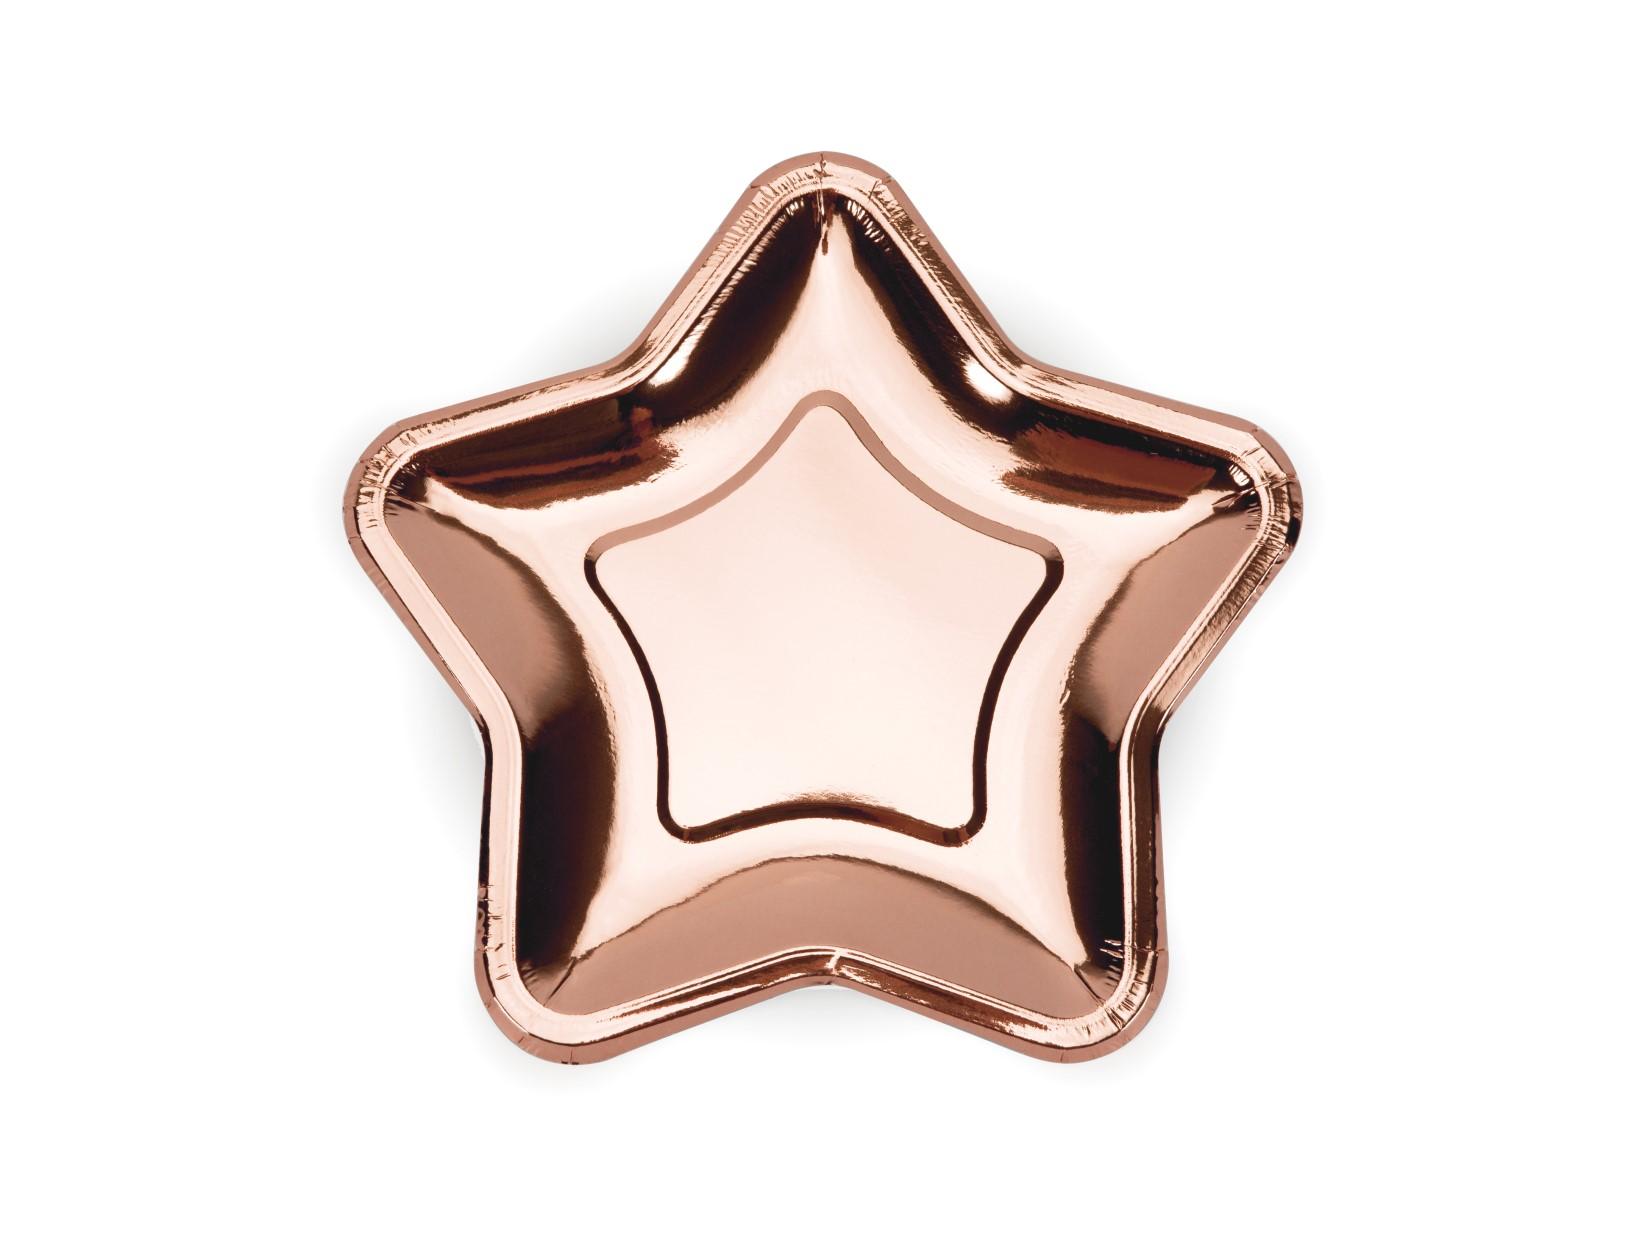 Χάρτινα Πιάτα Αστέρι Ροζ Χρυσό 18εκ – 6 Τεμάχια